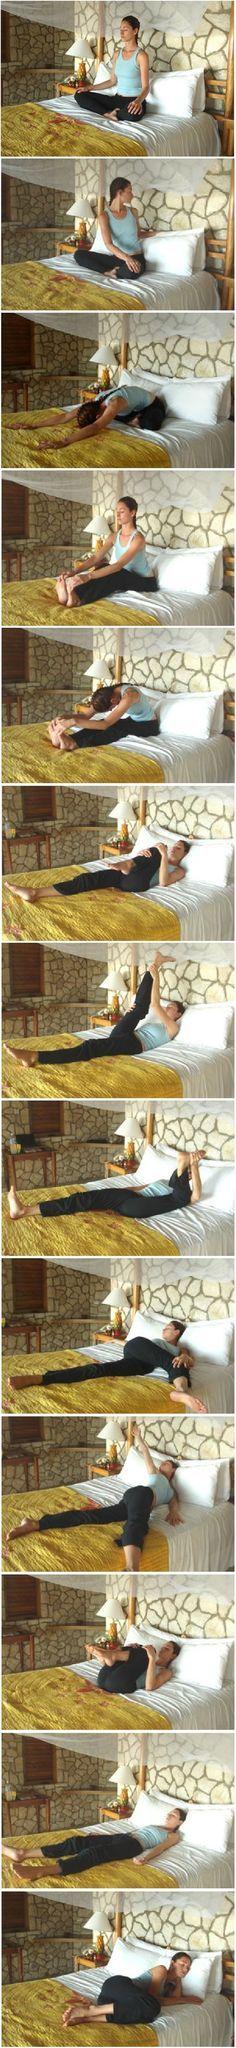 Intenta realizar está rutina de Yoga en la cama antes de empezar tu día